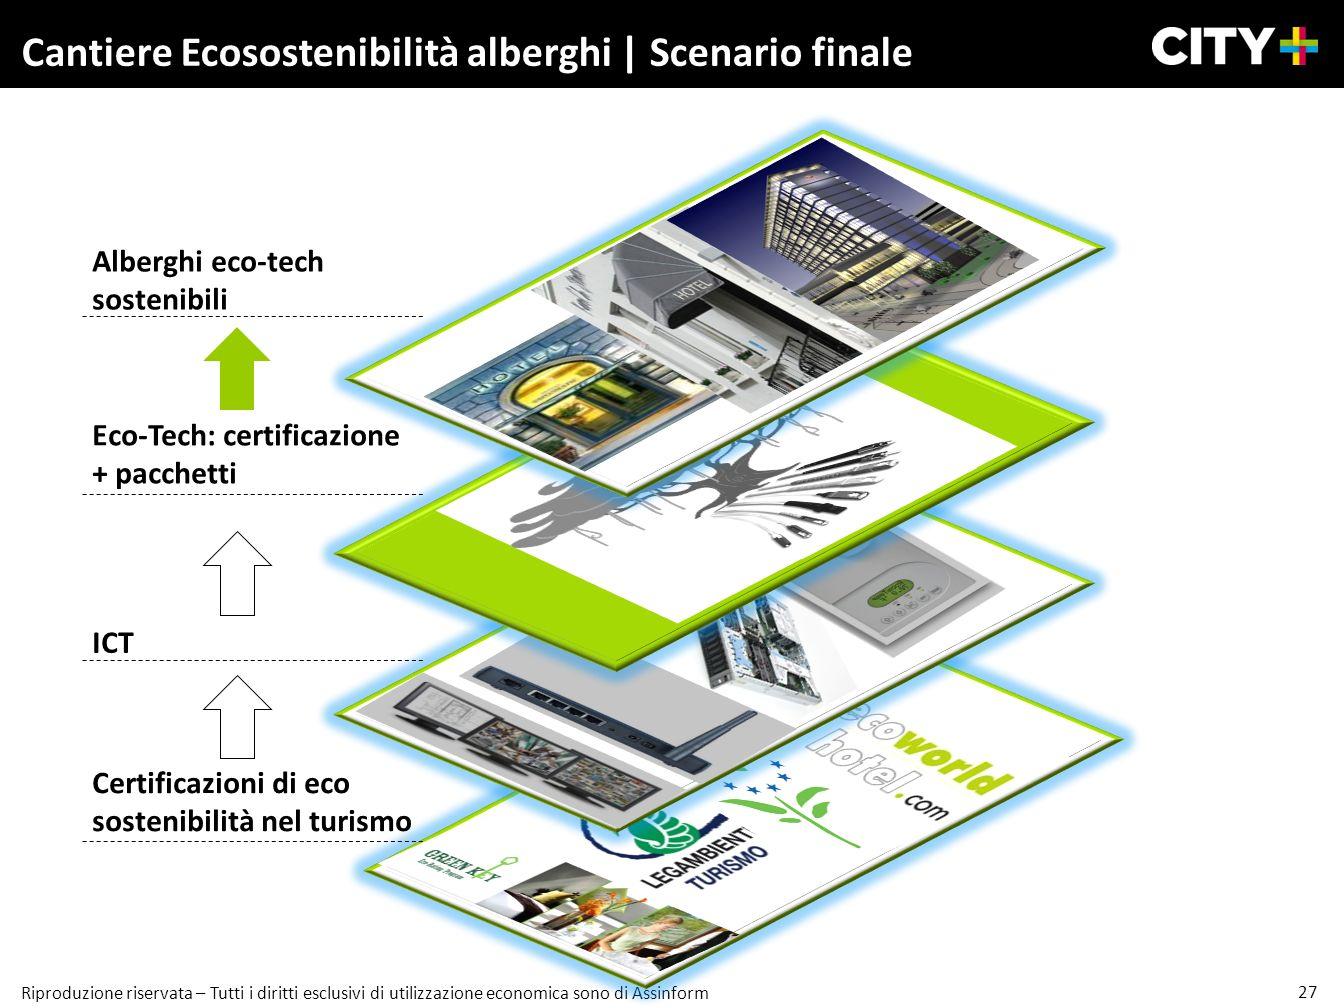 Cantiere Ecosostenibilità alberghi | Scenario finale